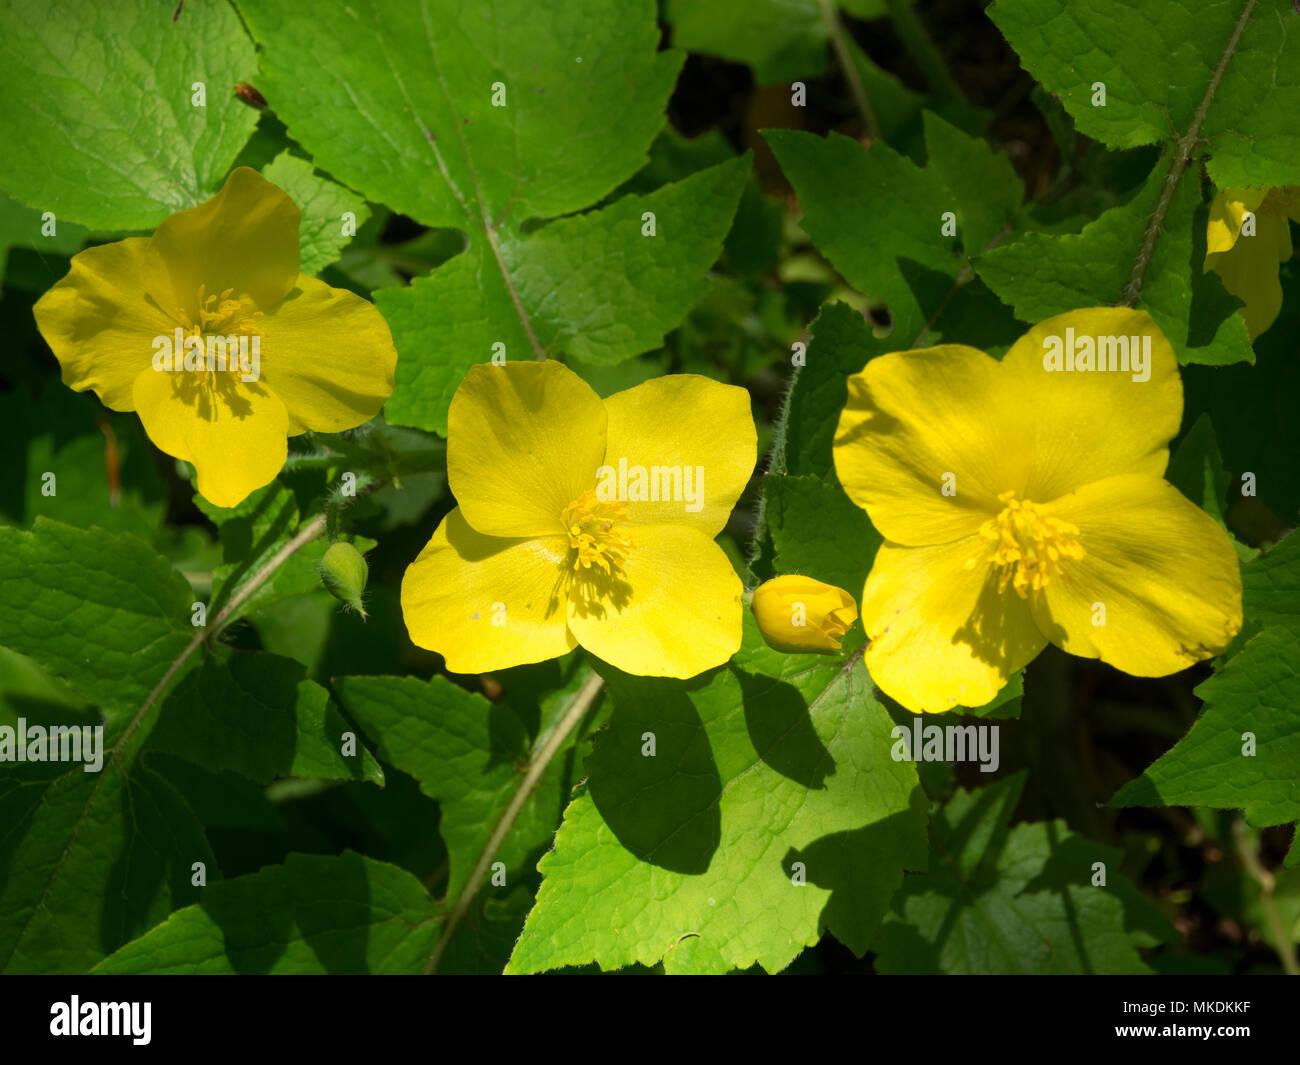 La fin du printemps fleurs jaunes de la plante vivace plante jardin ...